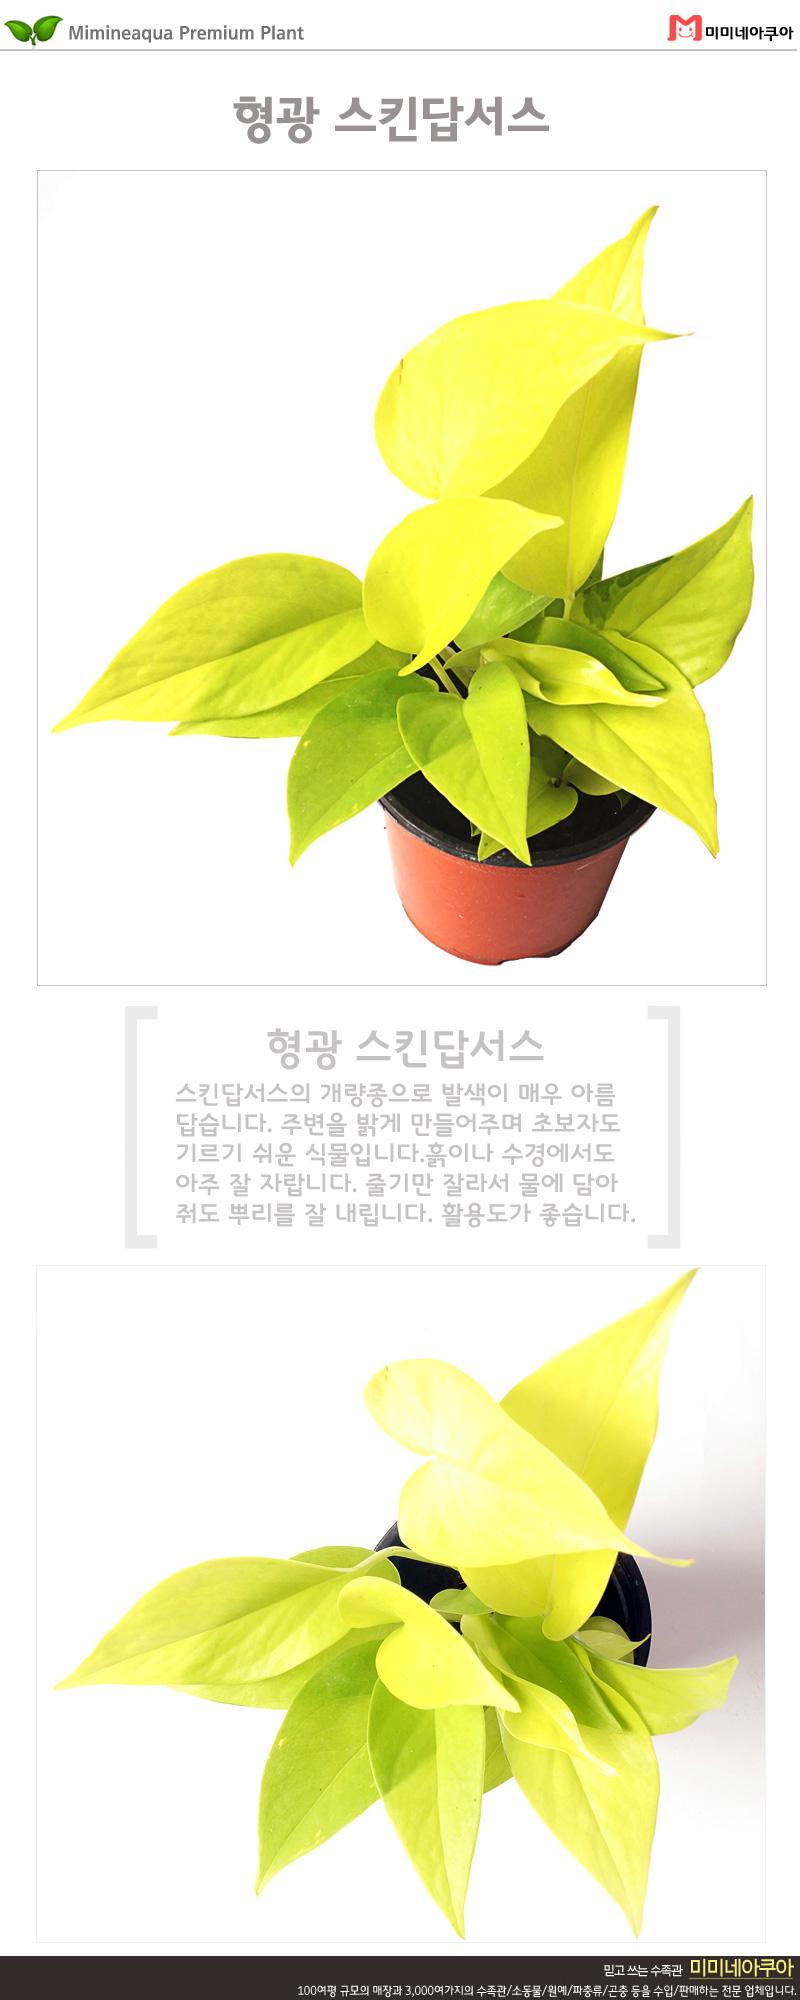 형광 스킨답서스 1포트 - 미미네아쿠아, 4,500원, 허브/다육/선인장, 공기정화식물